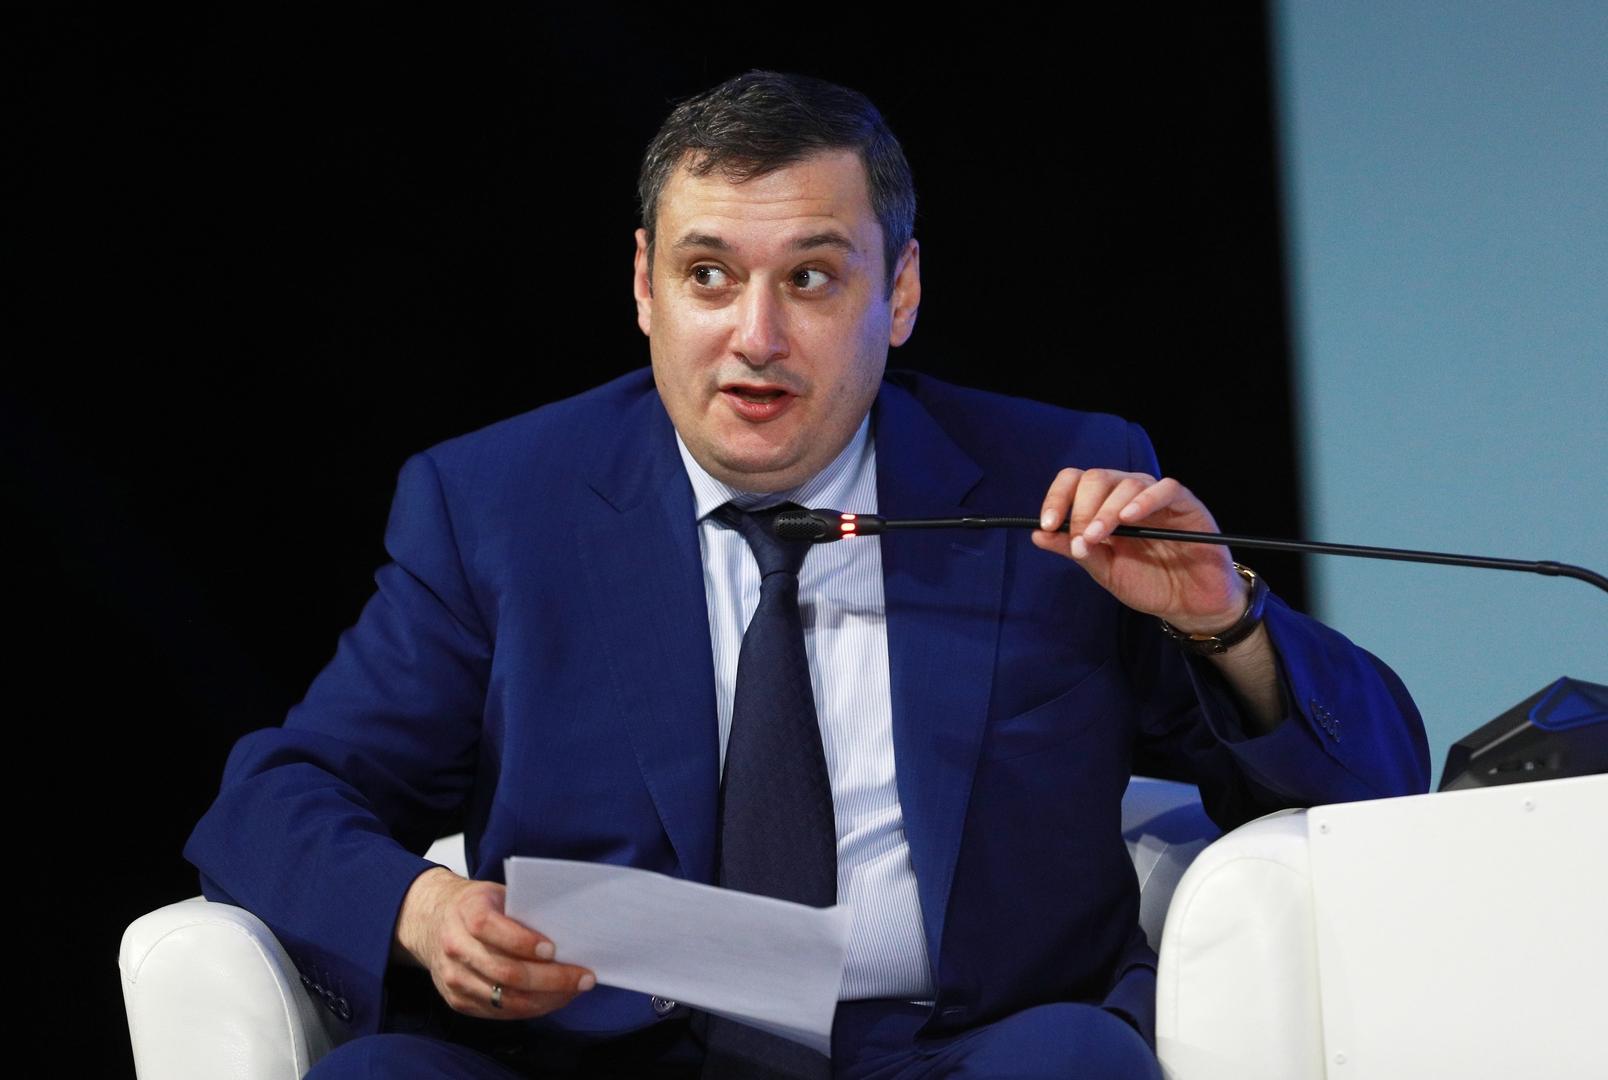 رئيس اللجنة البرلمانية لسياسة المعلومات والتقنيات المعلوماتية والاتصالات ألكسندر خينشتين